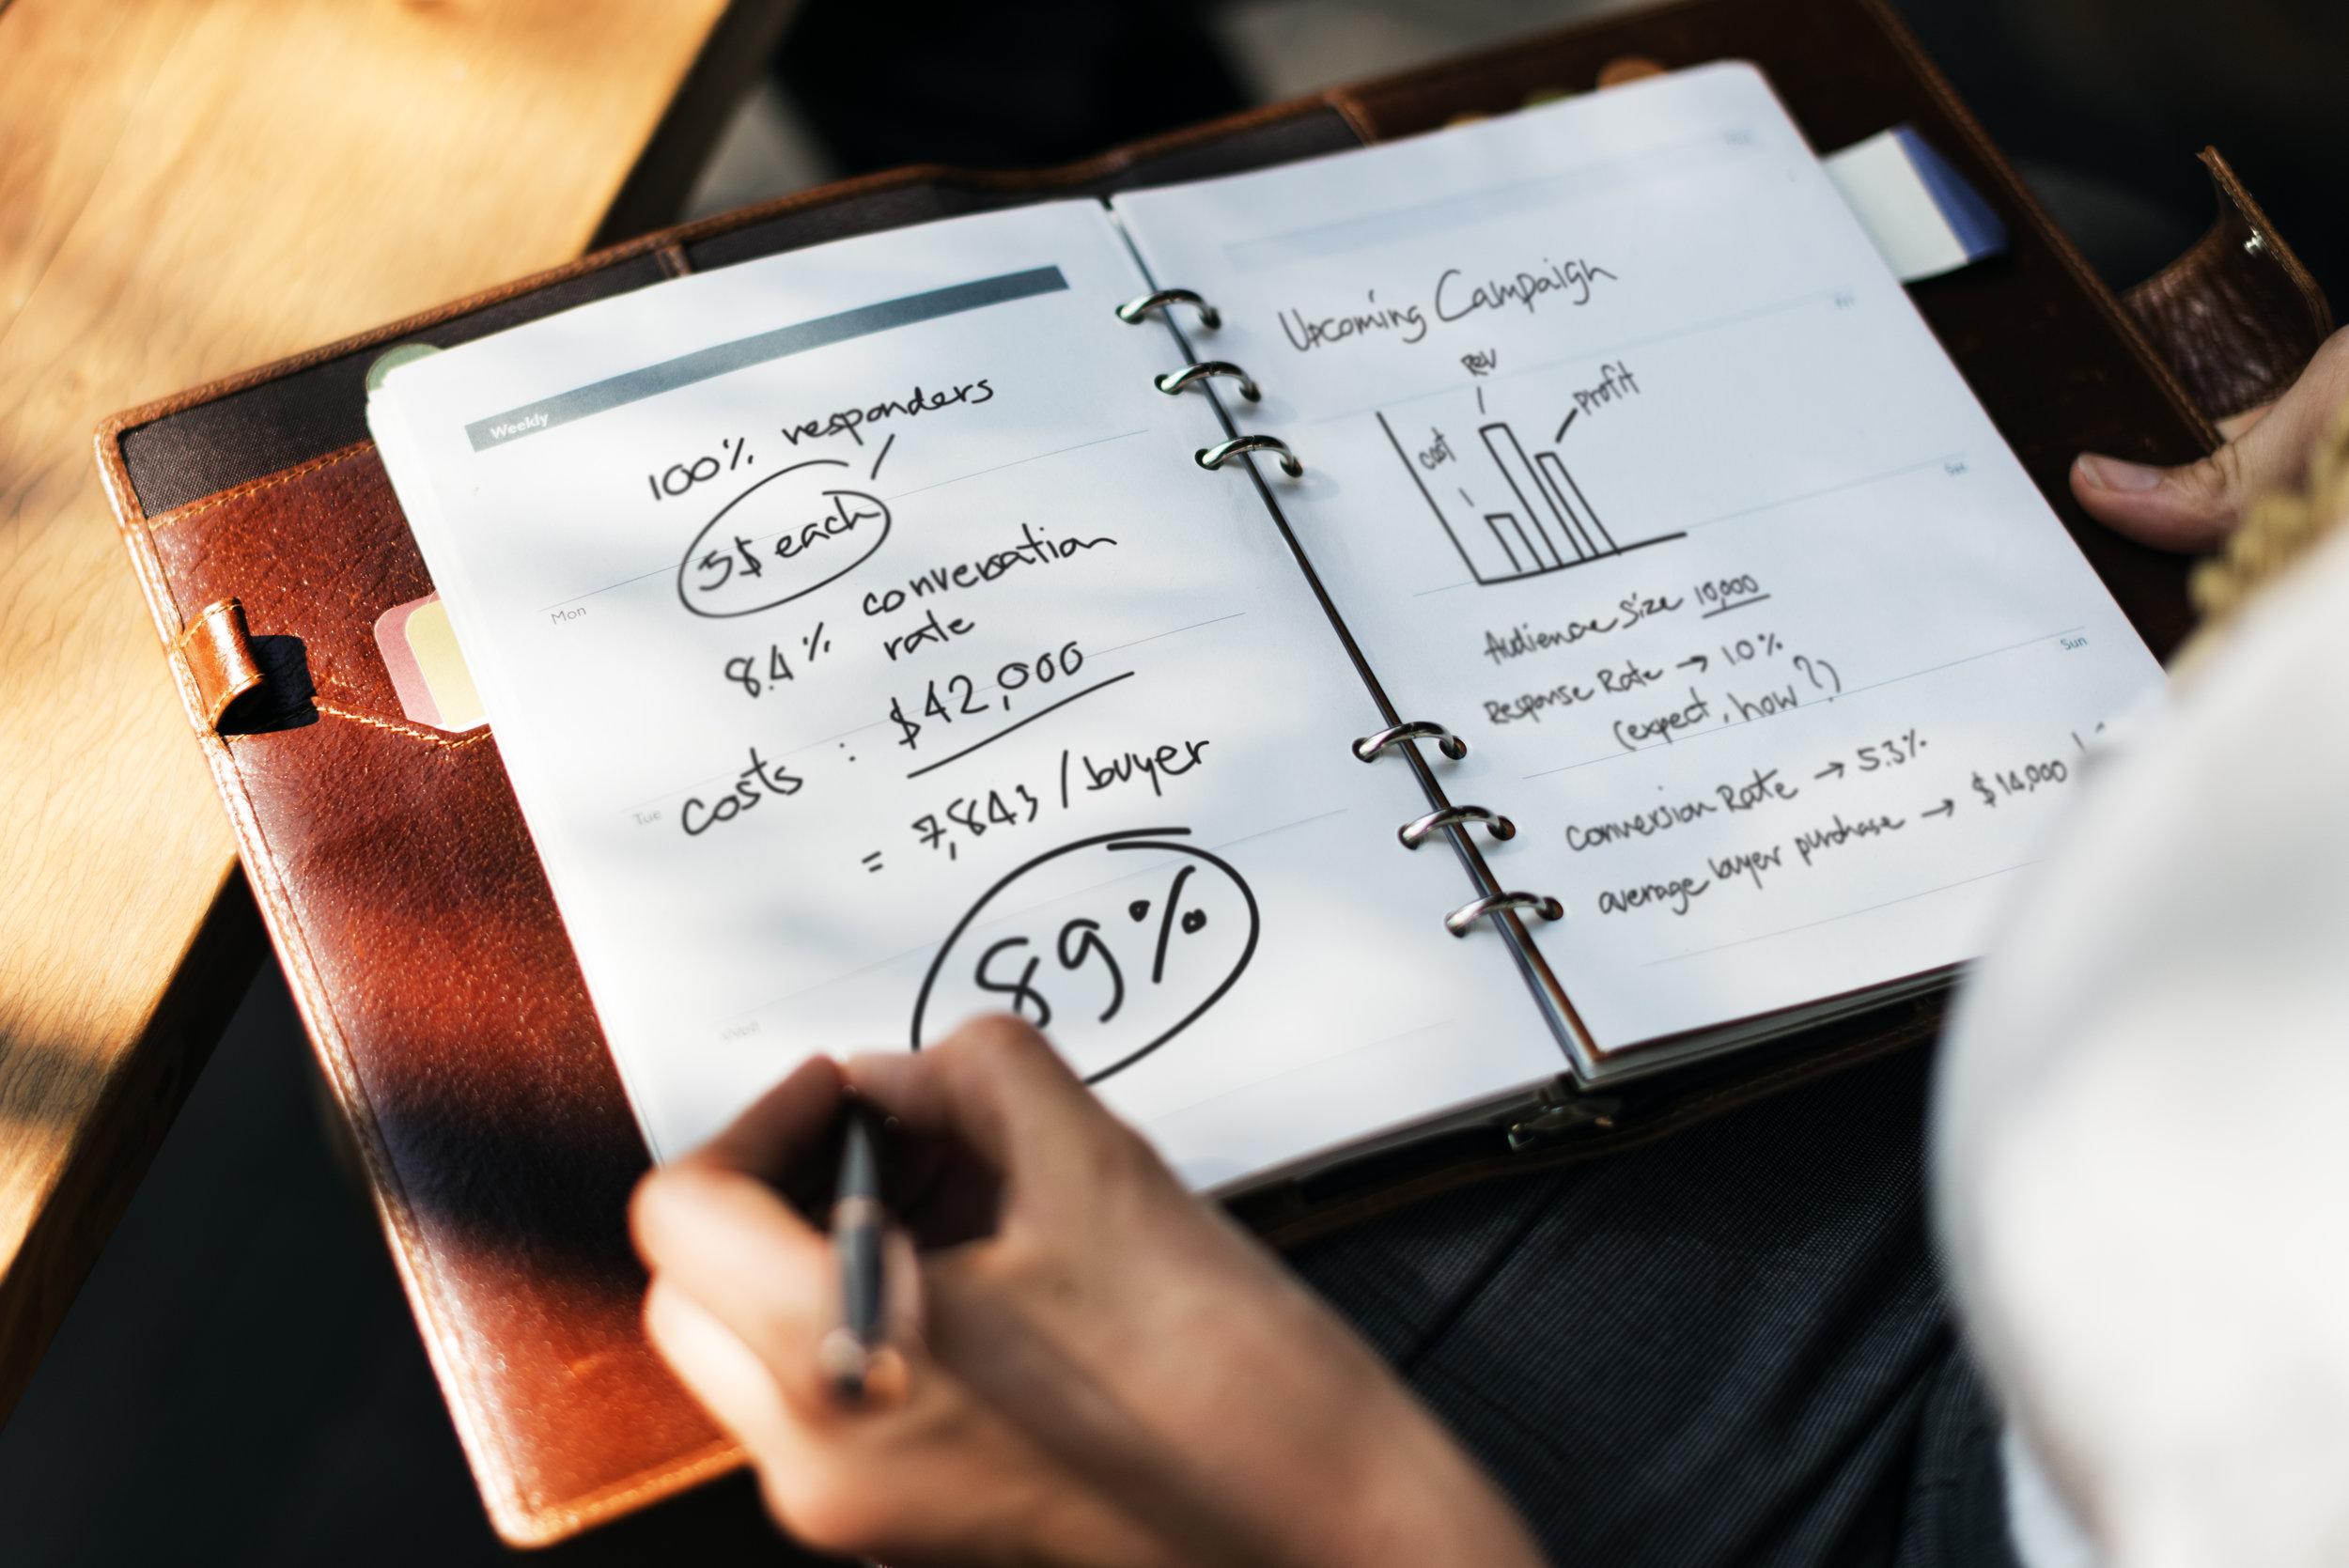 Ny säljare? Hur maximerar du din försäljning? - En utbildning för nya säljare som jobbar med försäljning på fältet.Omfattning: Utbildningen omfattar 2+1 dagar. Deltagare: Max 12 personer/kurstillfälle Plats för genomförande: Värnamo, Jönköping, Varberg, Göteborg eller enligt önskemål. Utbildningen kan också genomföras företagsförlagd.Målgrupp: Utbildningen vänder sig till dig som är ny i din roll som säljare ute på fältet, och som vill förbereda dig i din nya roll som säljare på en alltmer utmanade marknad.